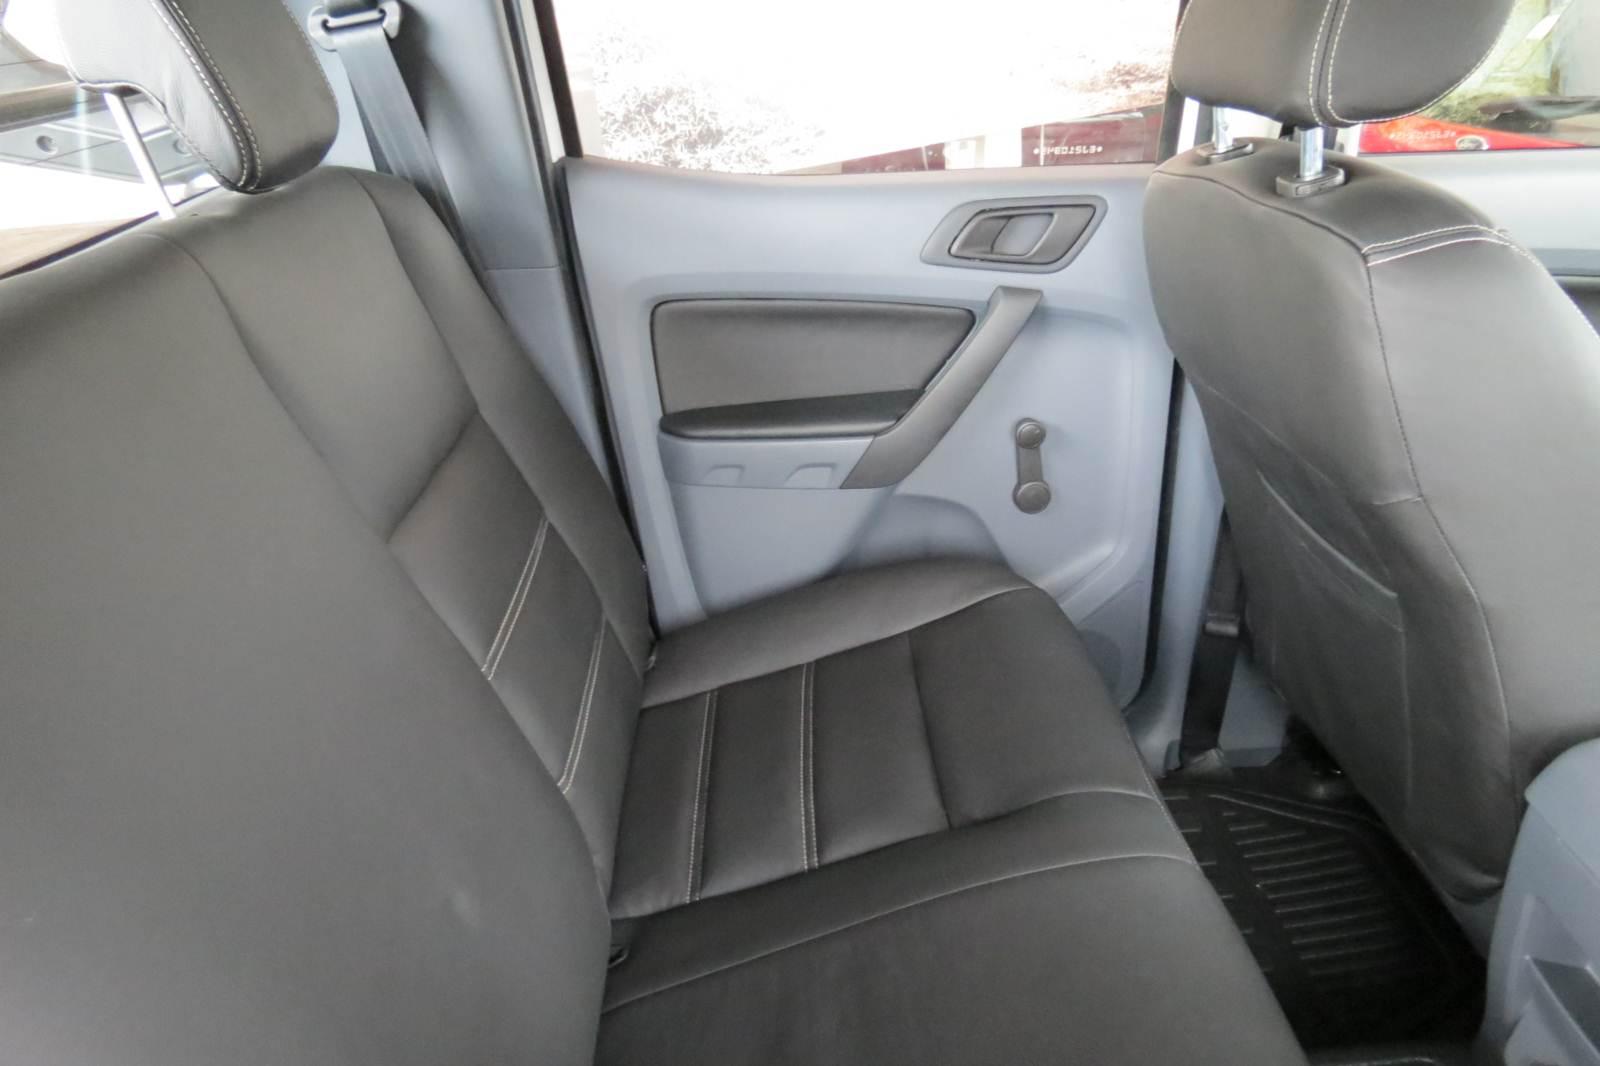 Ford Ranger XL 2.5 Flex Cabine Dupla - espaço traseiro